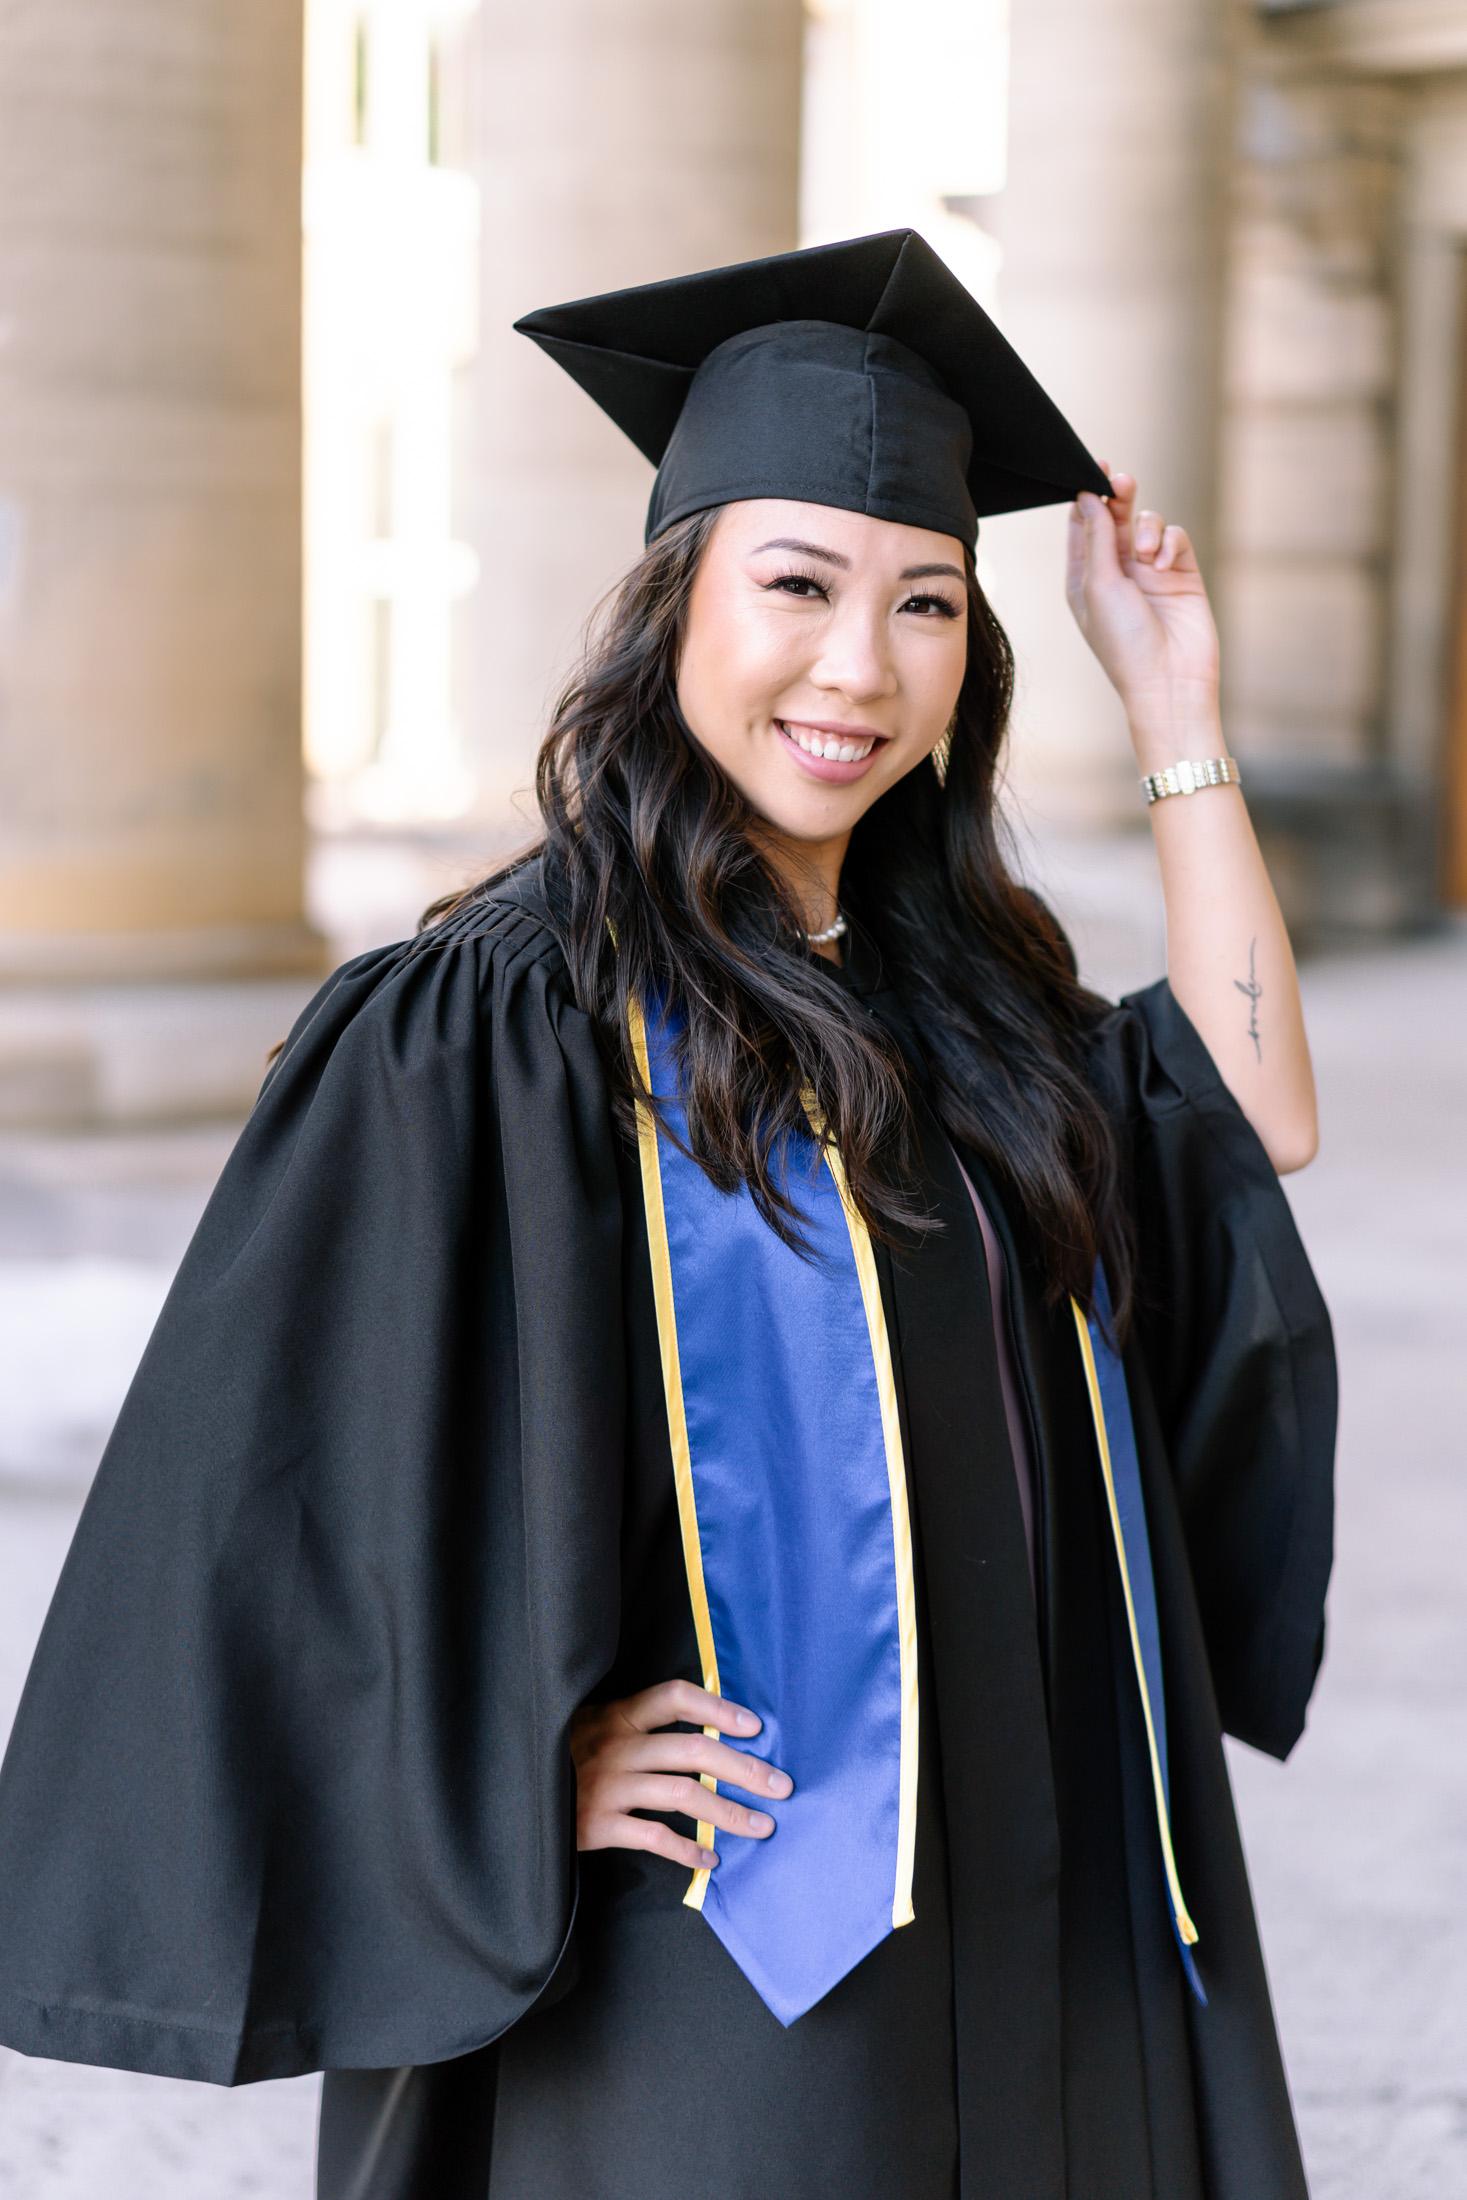 joeewong-school-portraiture-grad-senior-0004